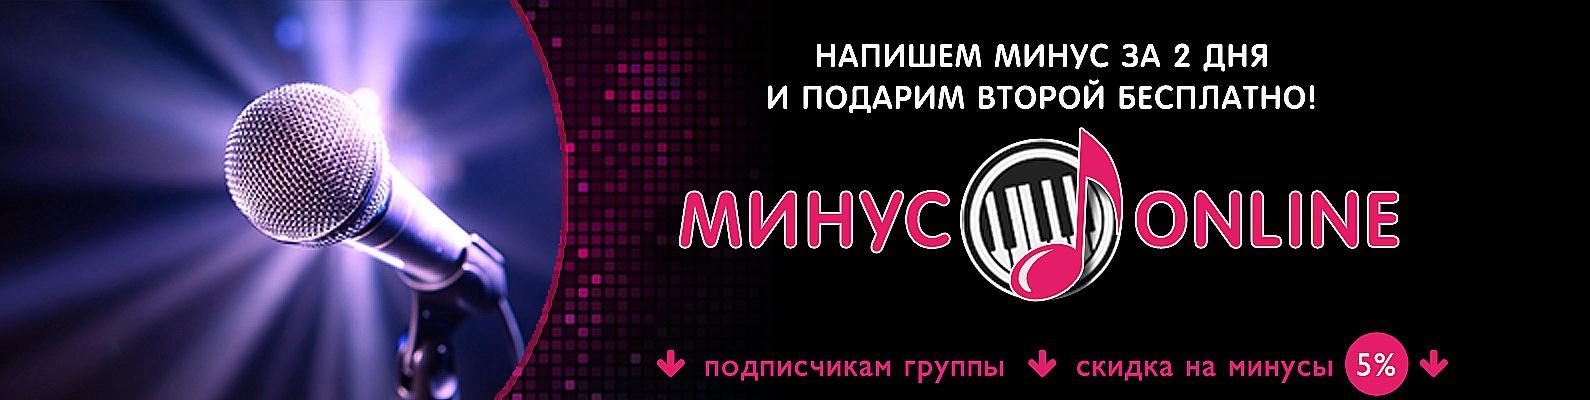 Ирина Аллегрова - Прими мои поздравления (минус) 27